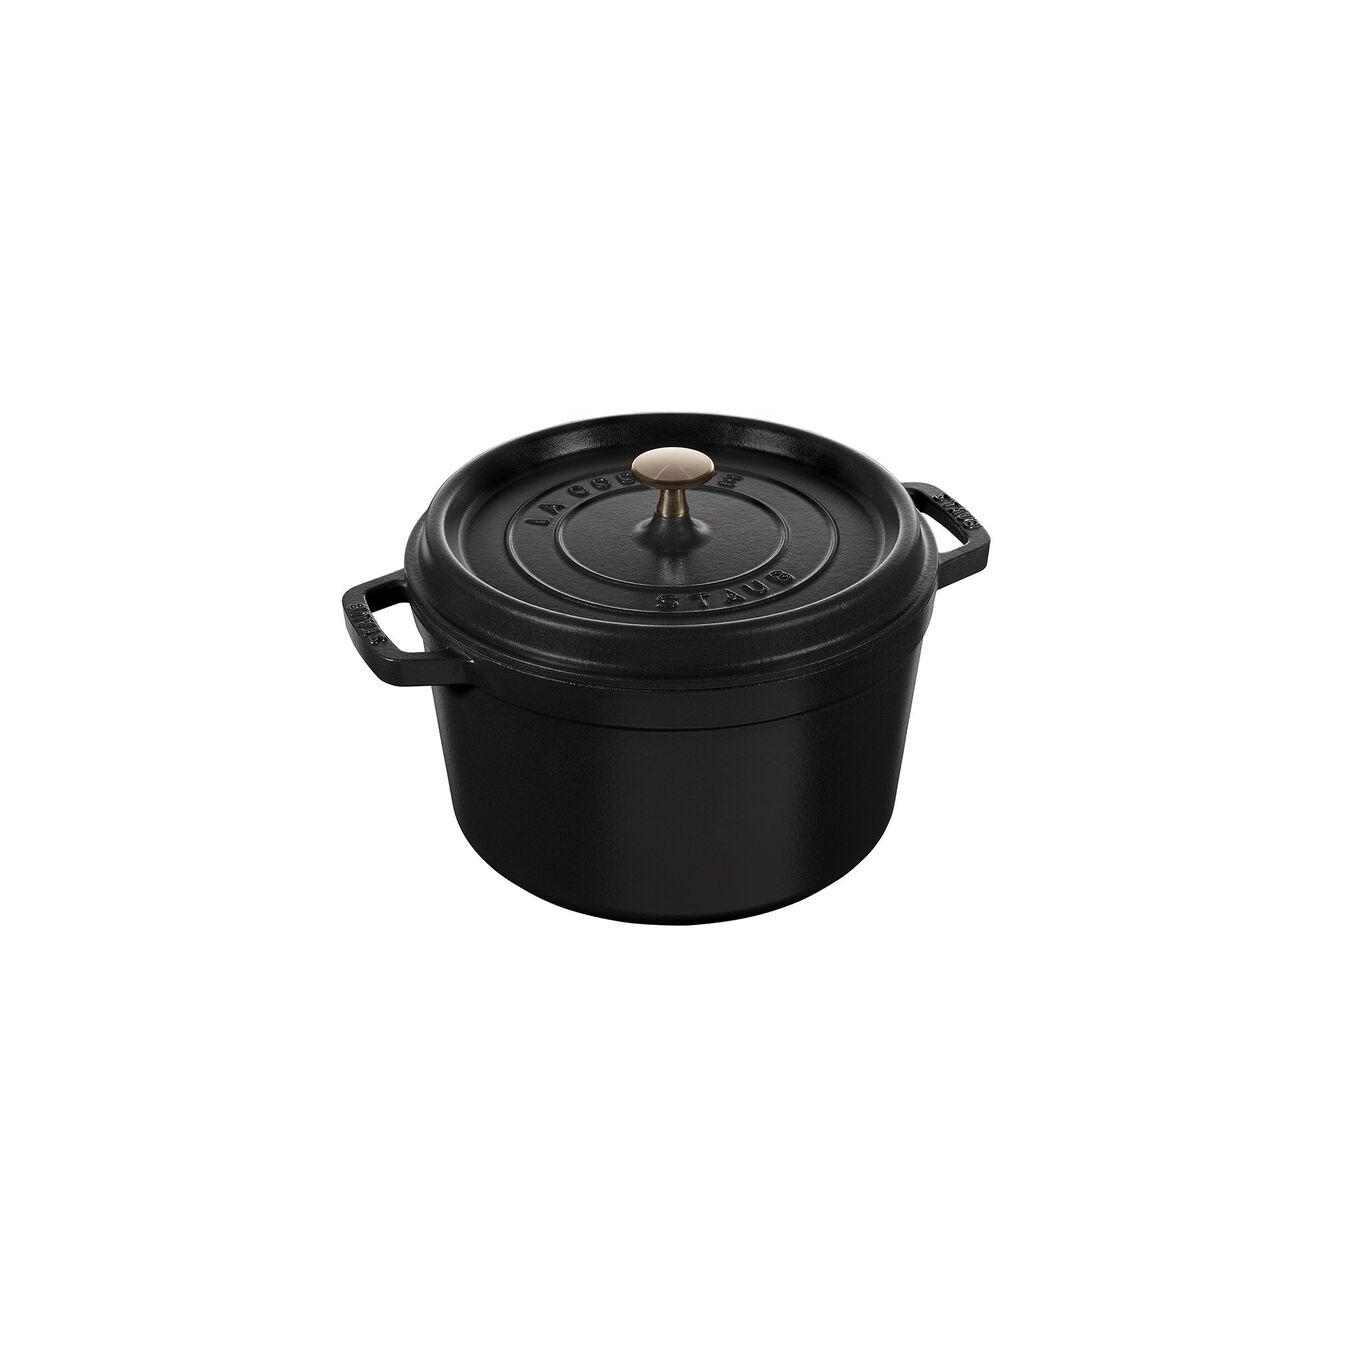 Cocotte 24 cm, Rond(e), Noir, Fonte,,large 8